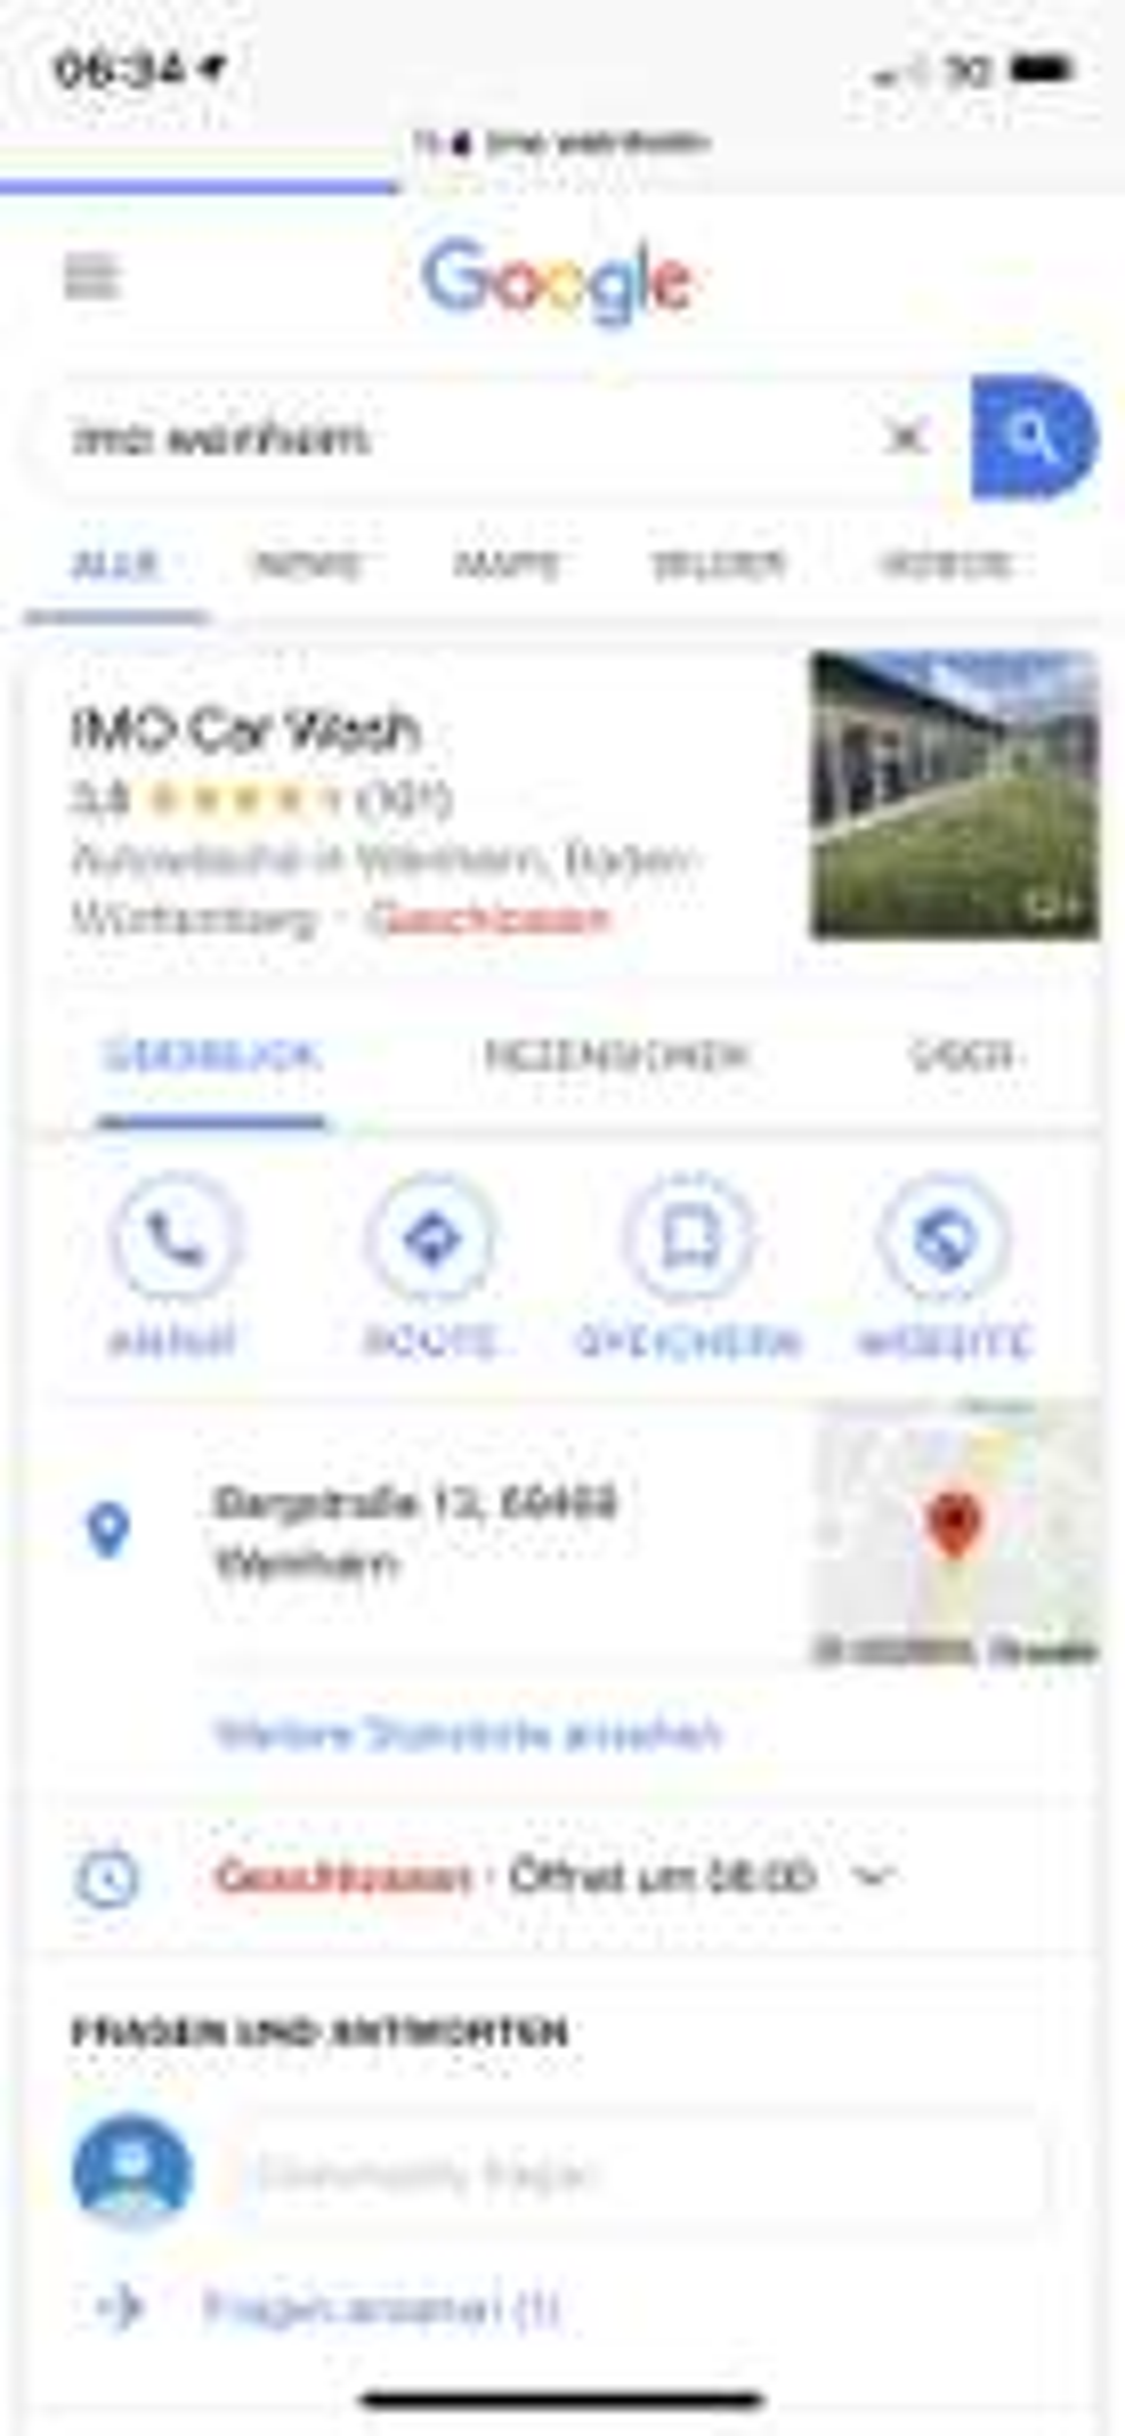 [LOKAL] Weinheim IMO Waschanlage